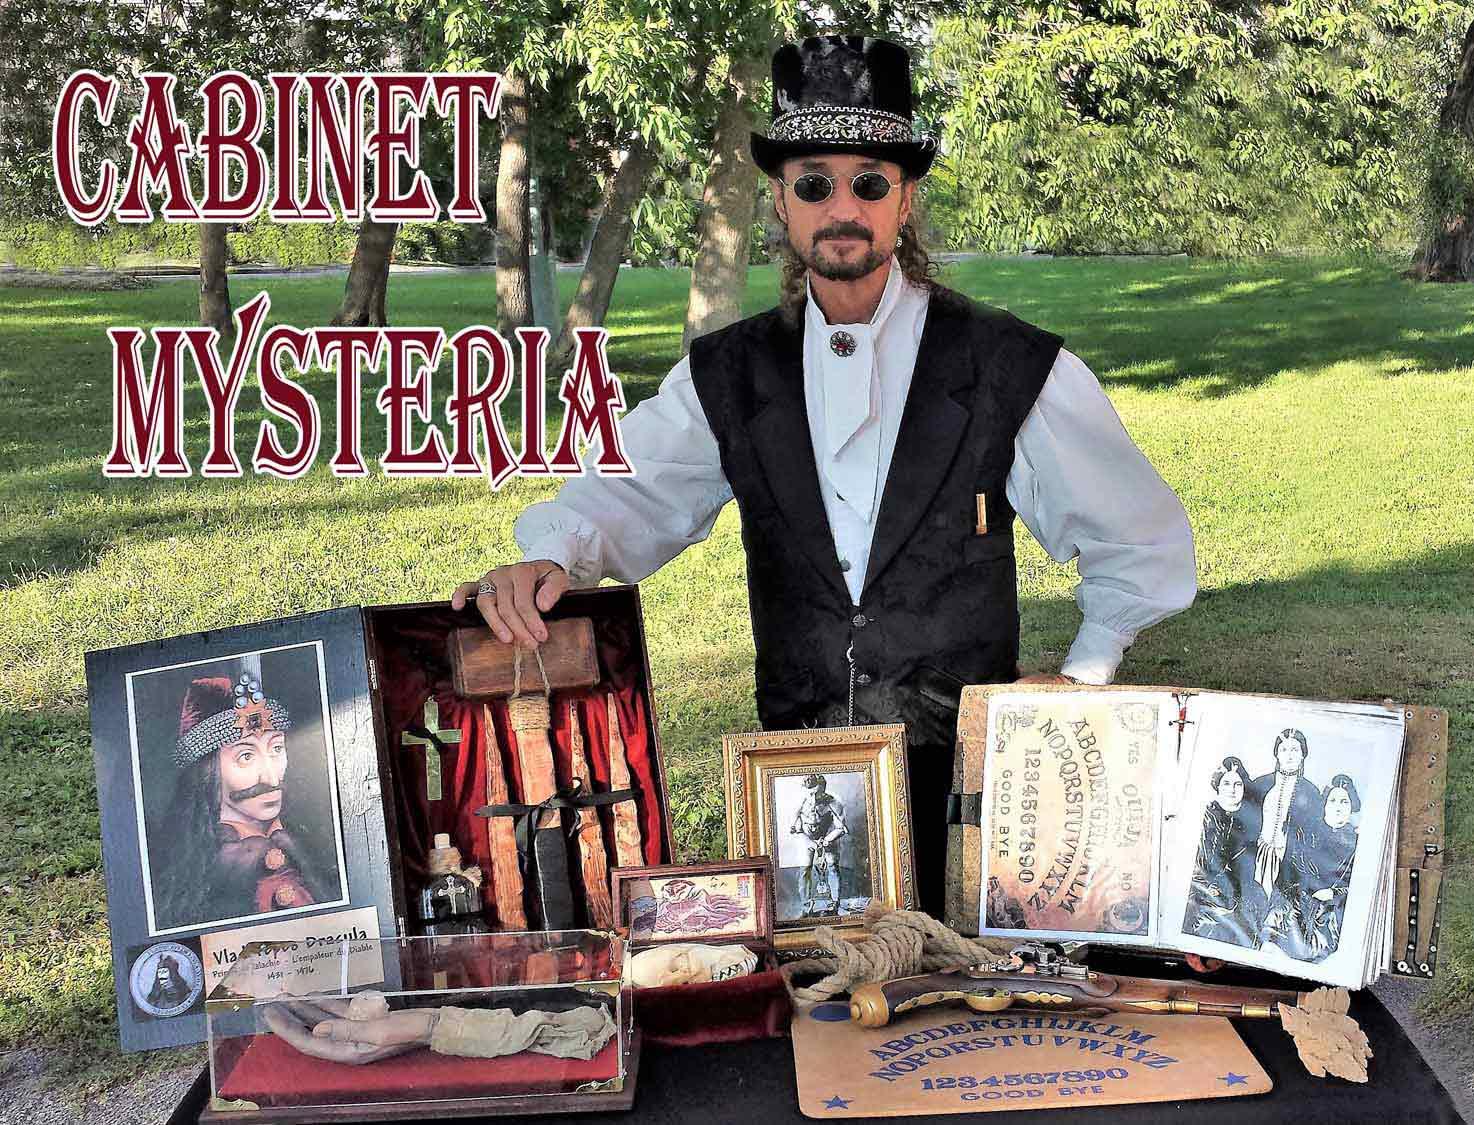 Cabinet of Curiosities Mysteria